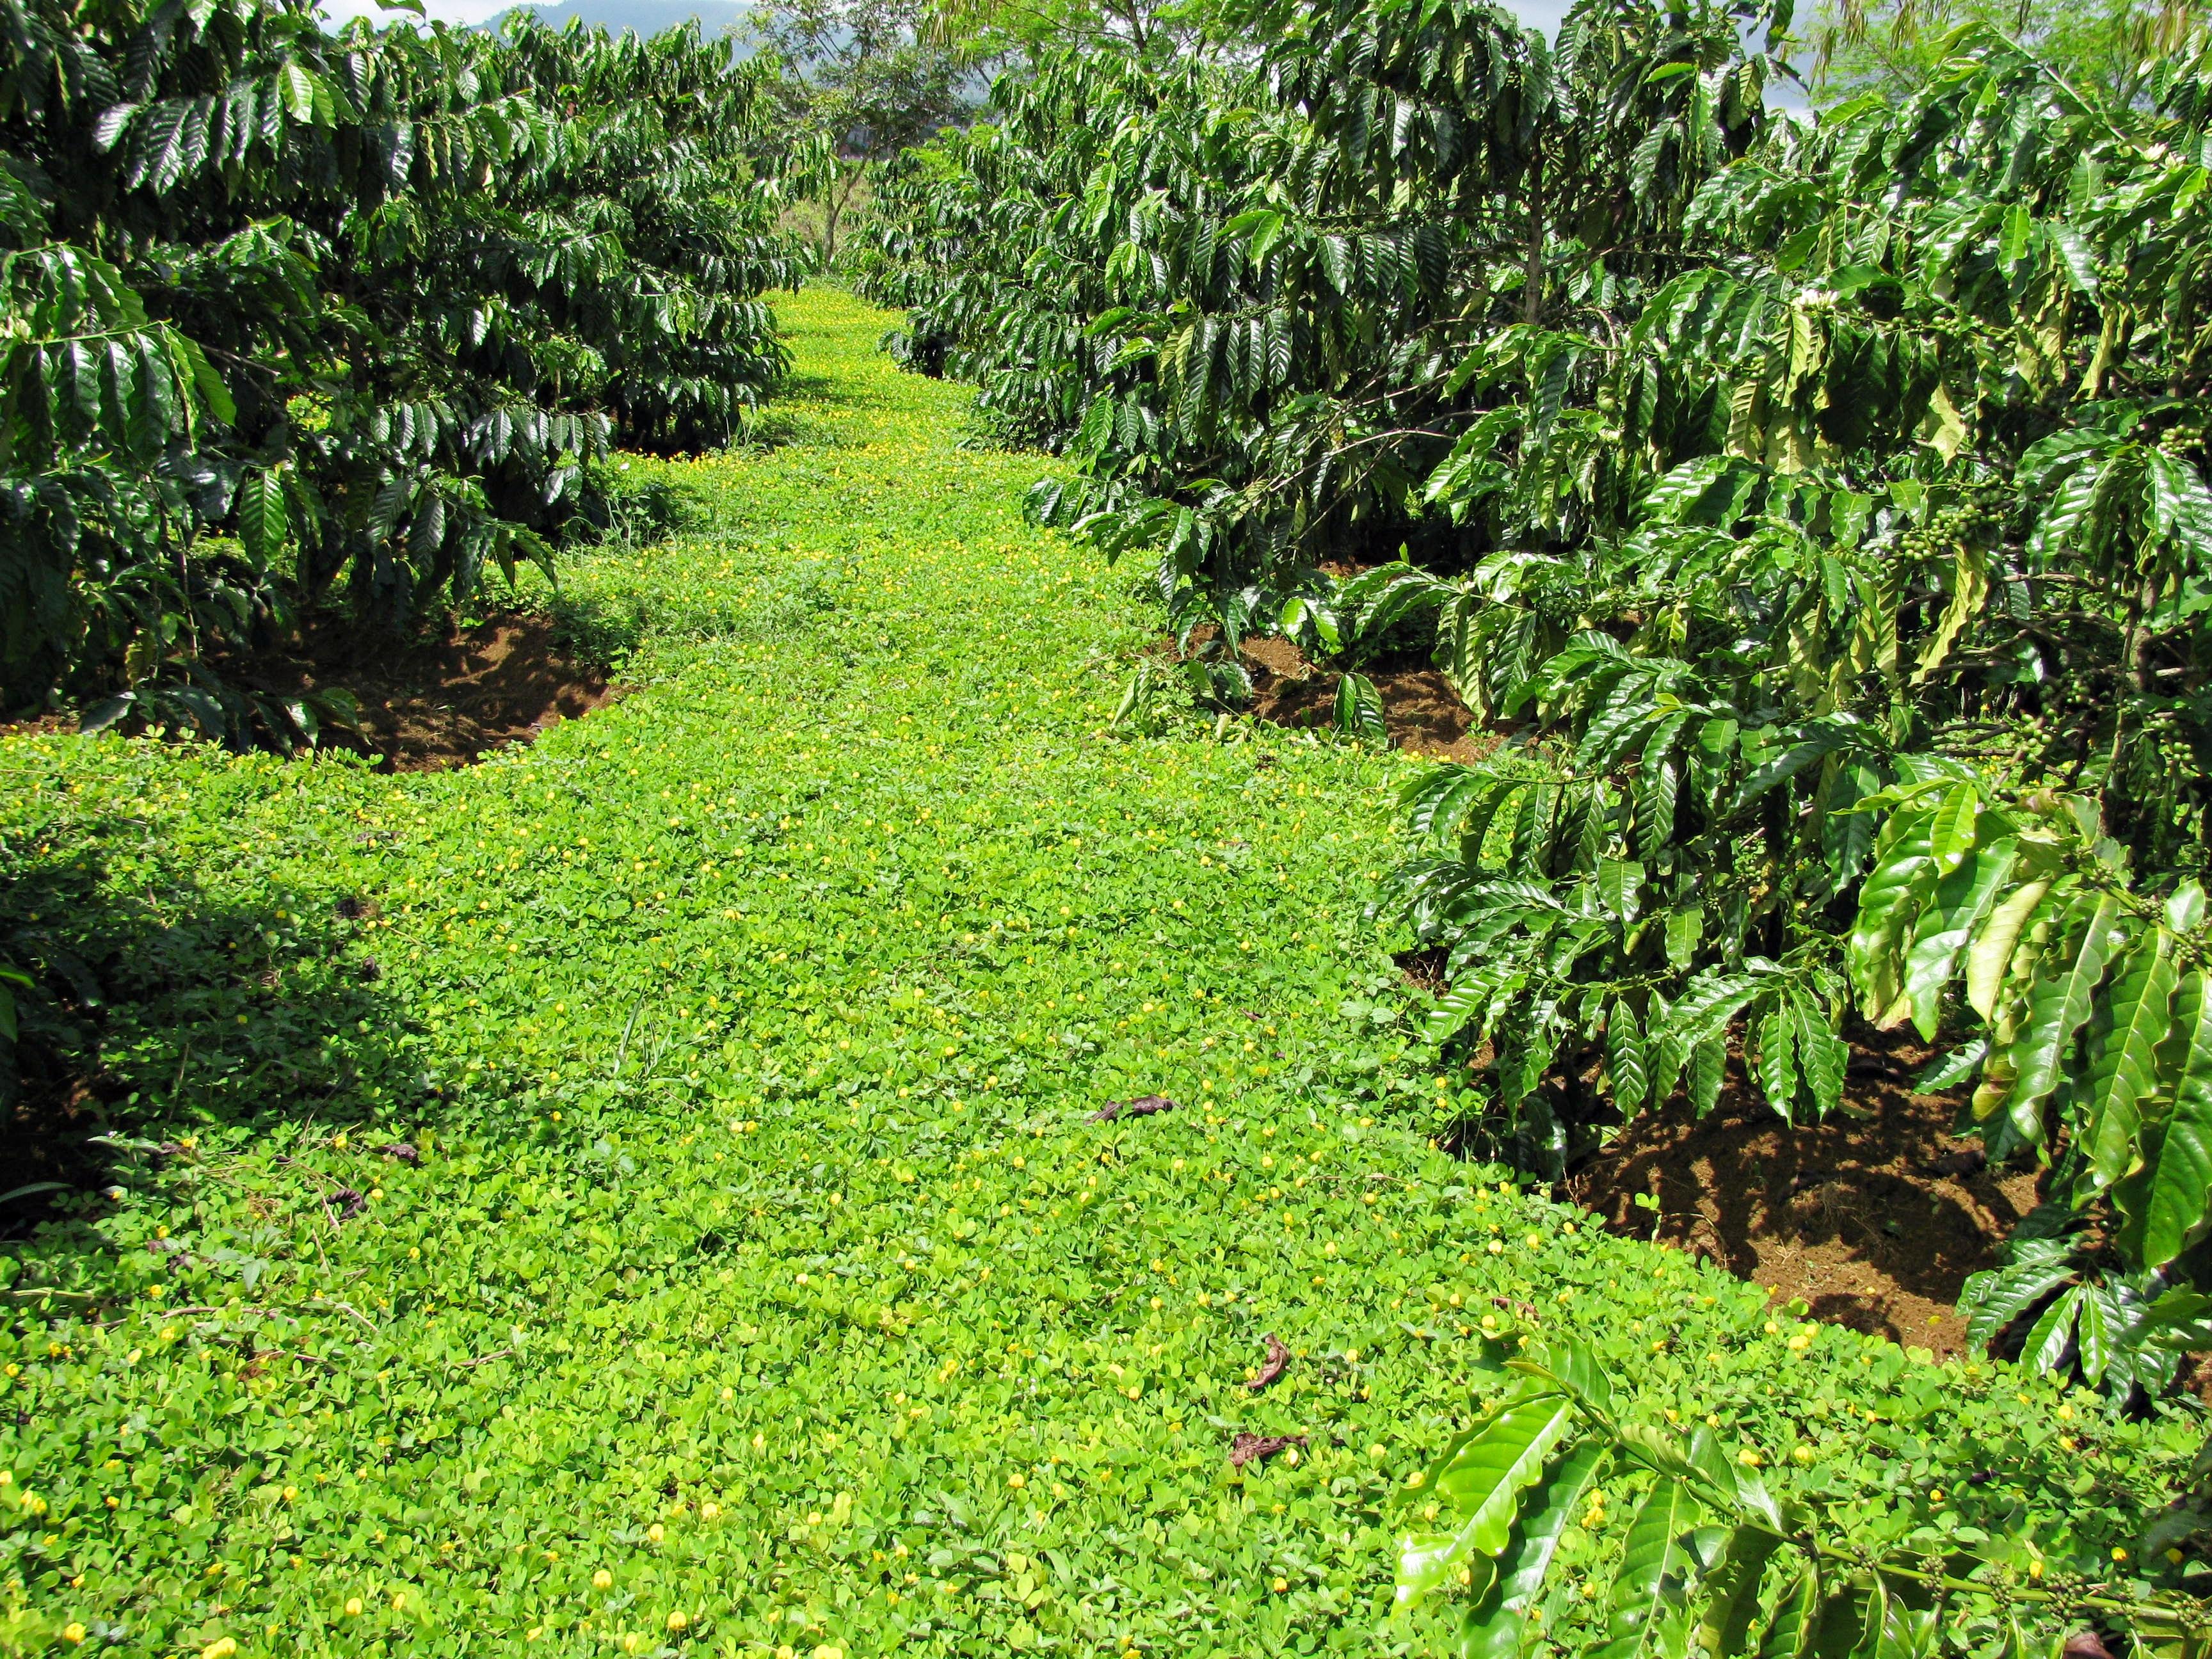 Phương pháp làm đất tối thiểu trong sản xuất cà phê - Viện